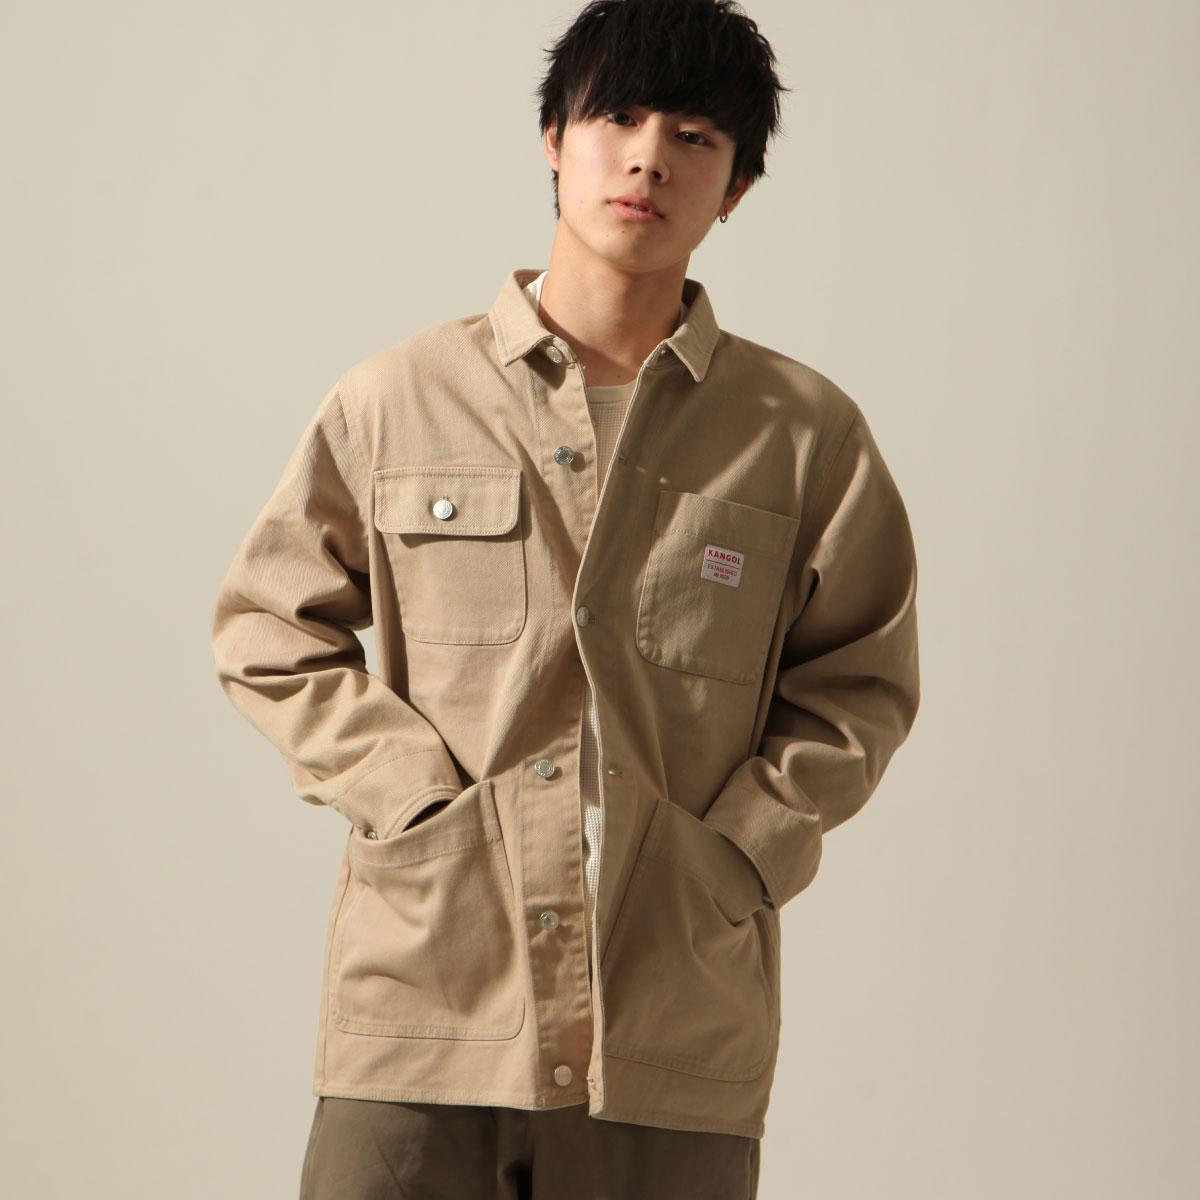 KANGOL 工裝丹寧夾克 寬版 別注款 1